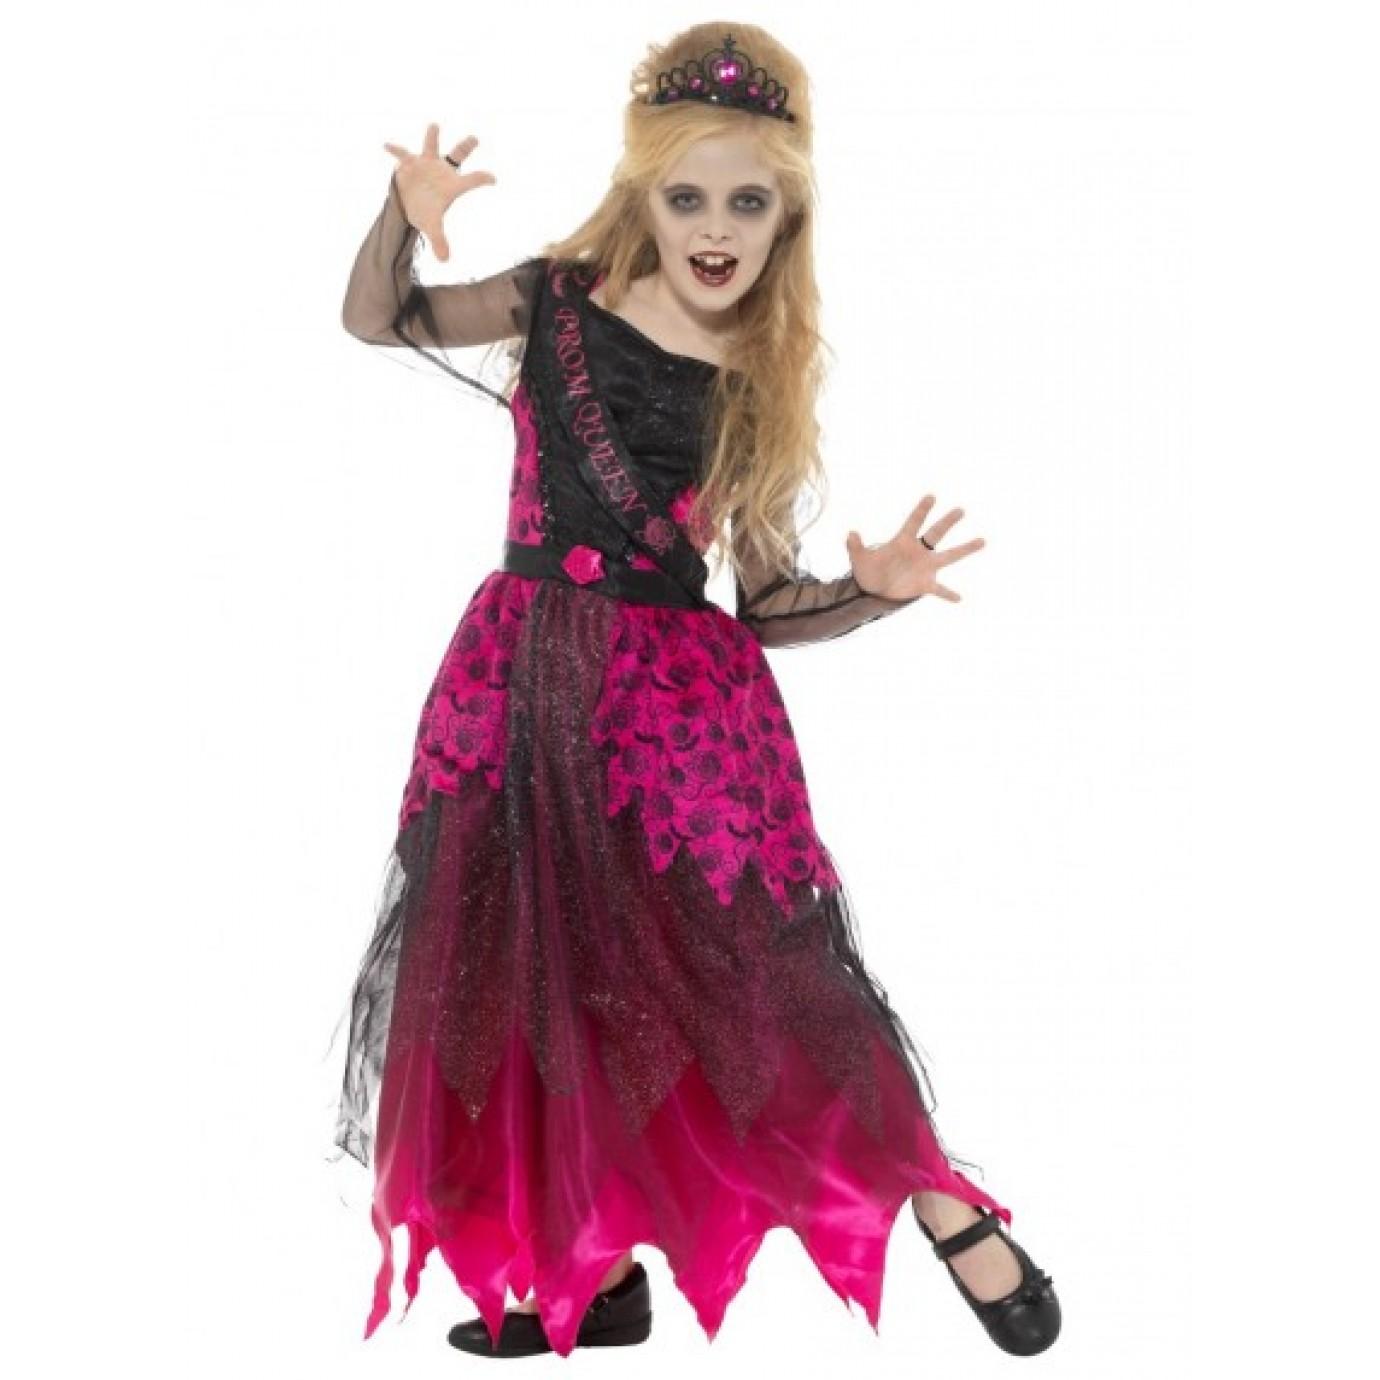 Child Costume , Gothic Prom Queen